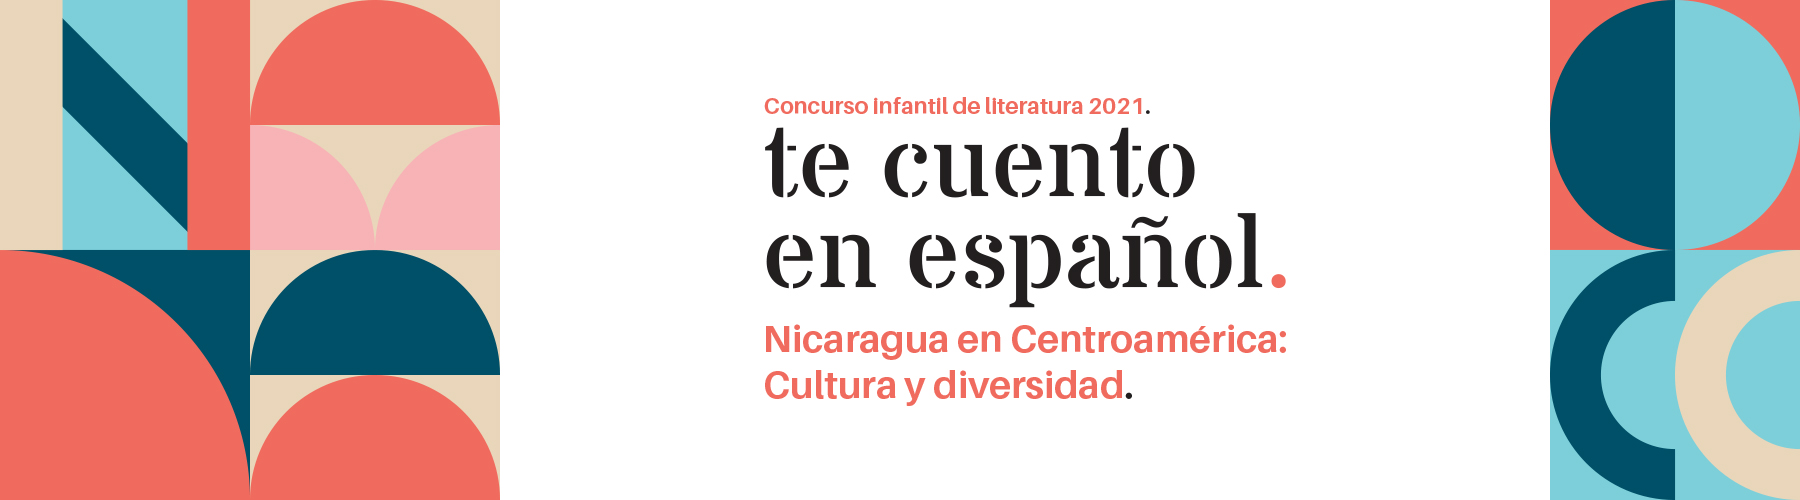 Temática Nicaragua en Centroamérica: cultura y diversidad